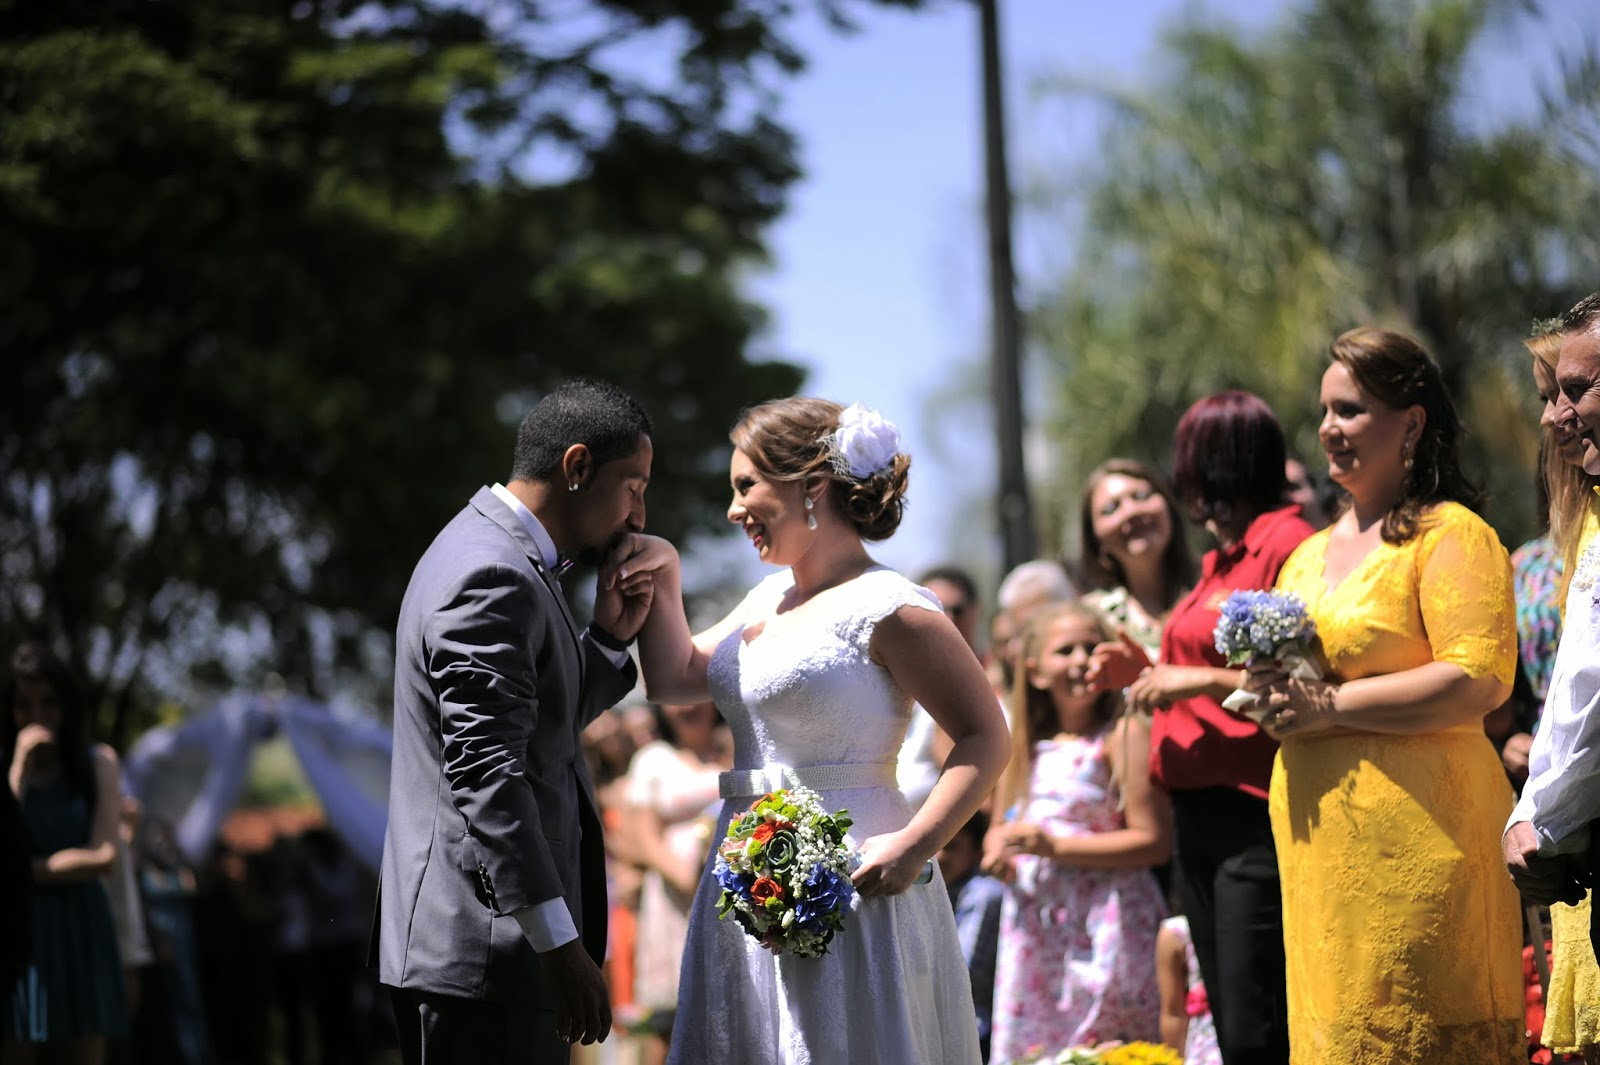 cerimonia-entrada-noiva-casamento-dia-azul-amarelo-1